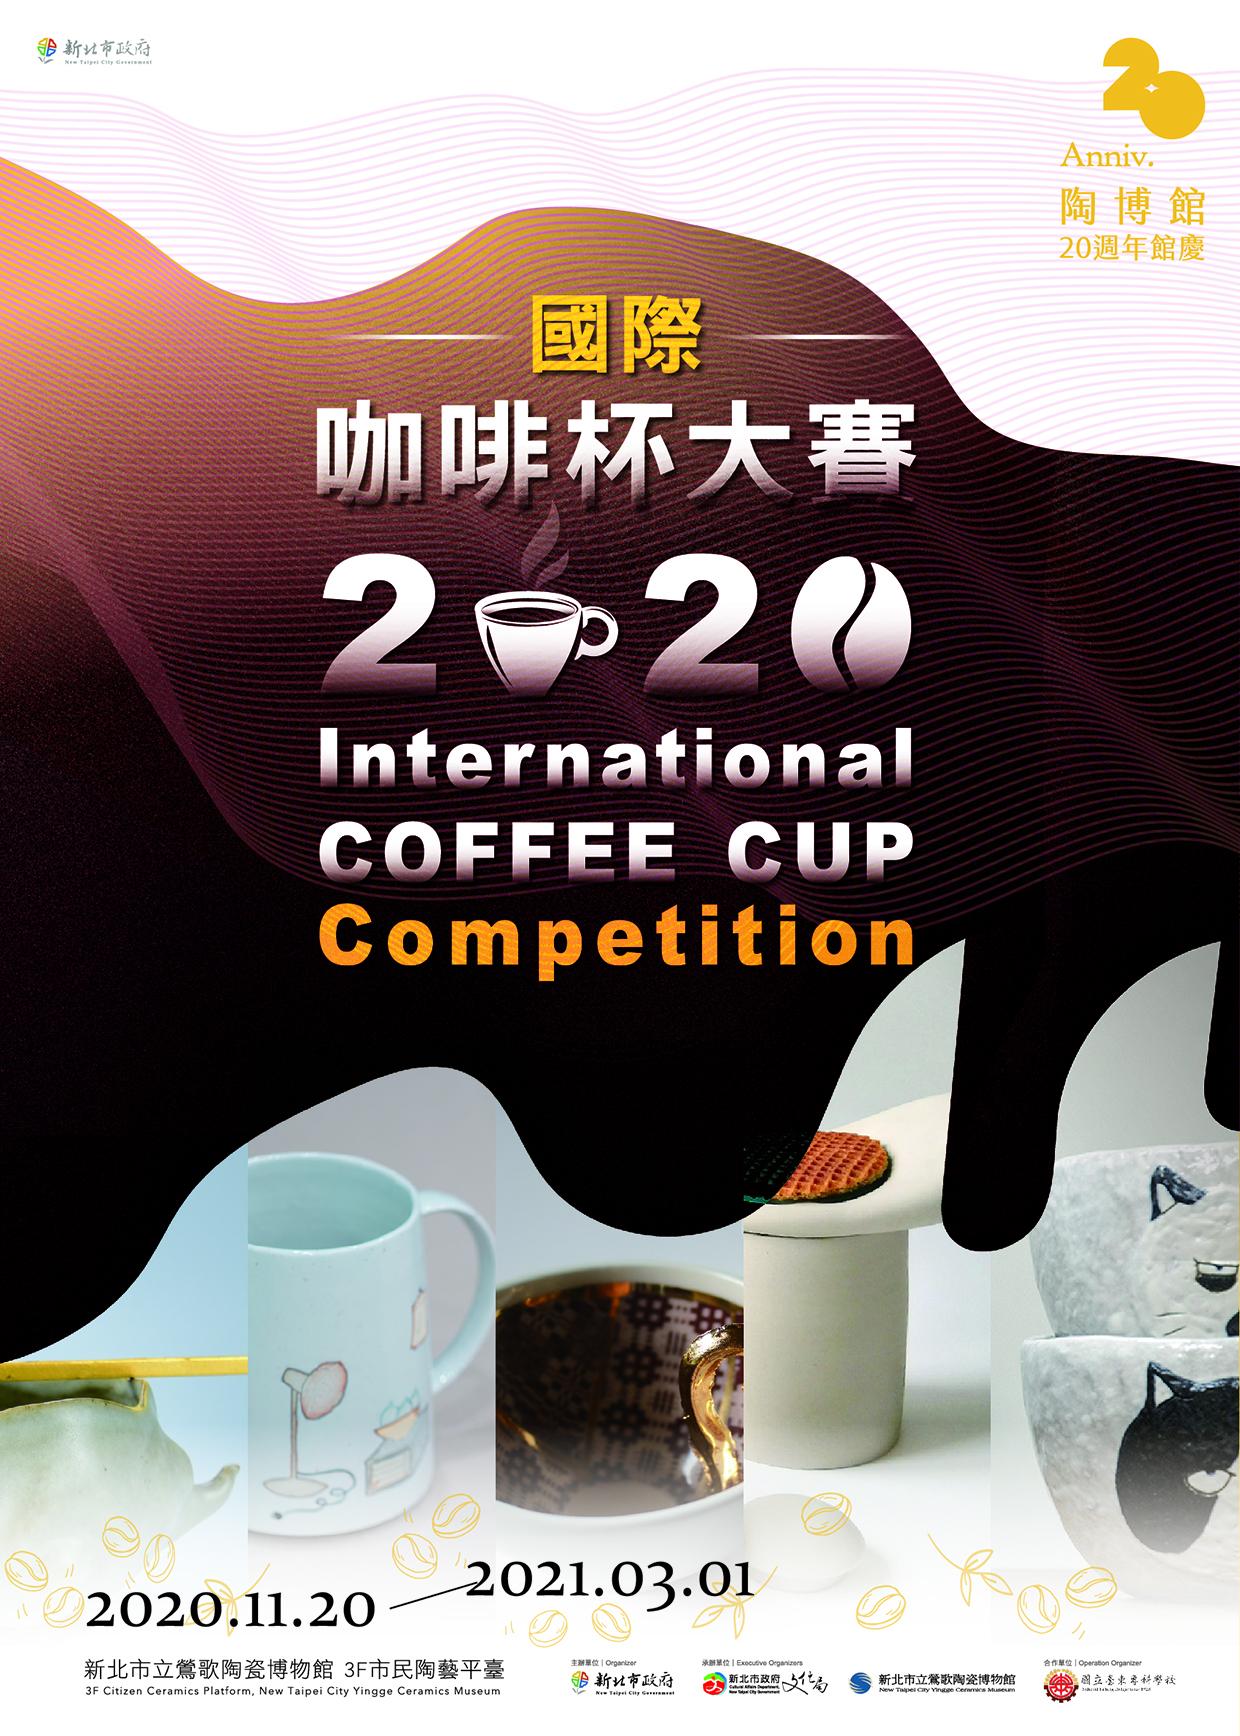 新北市立鶯歌陶瓷博物館:2020/11/20-2021/3/1【2020國際咖啡杯大賽】